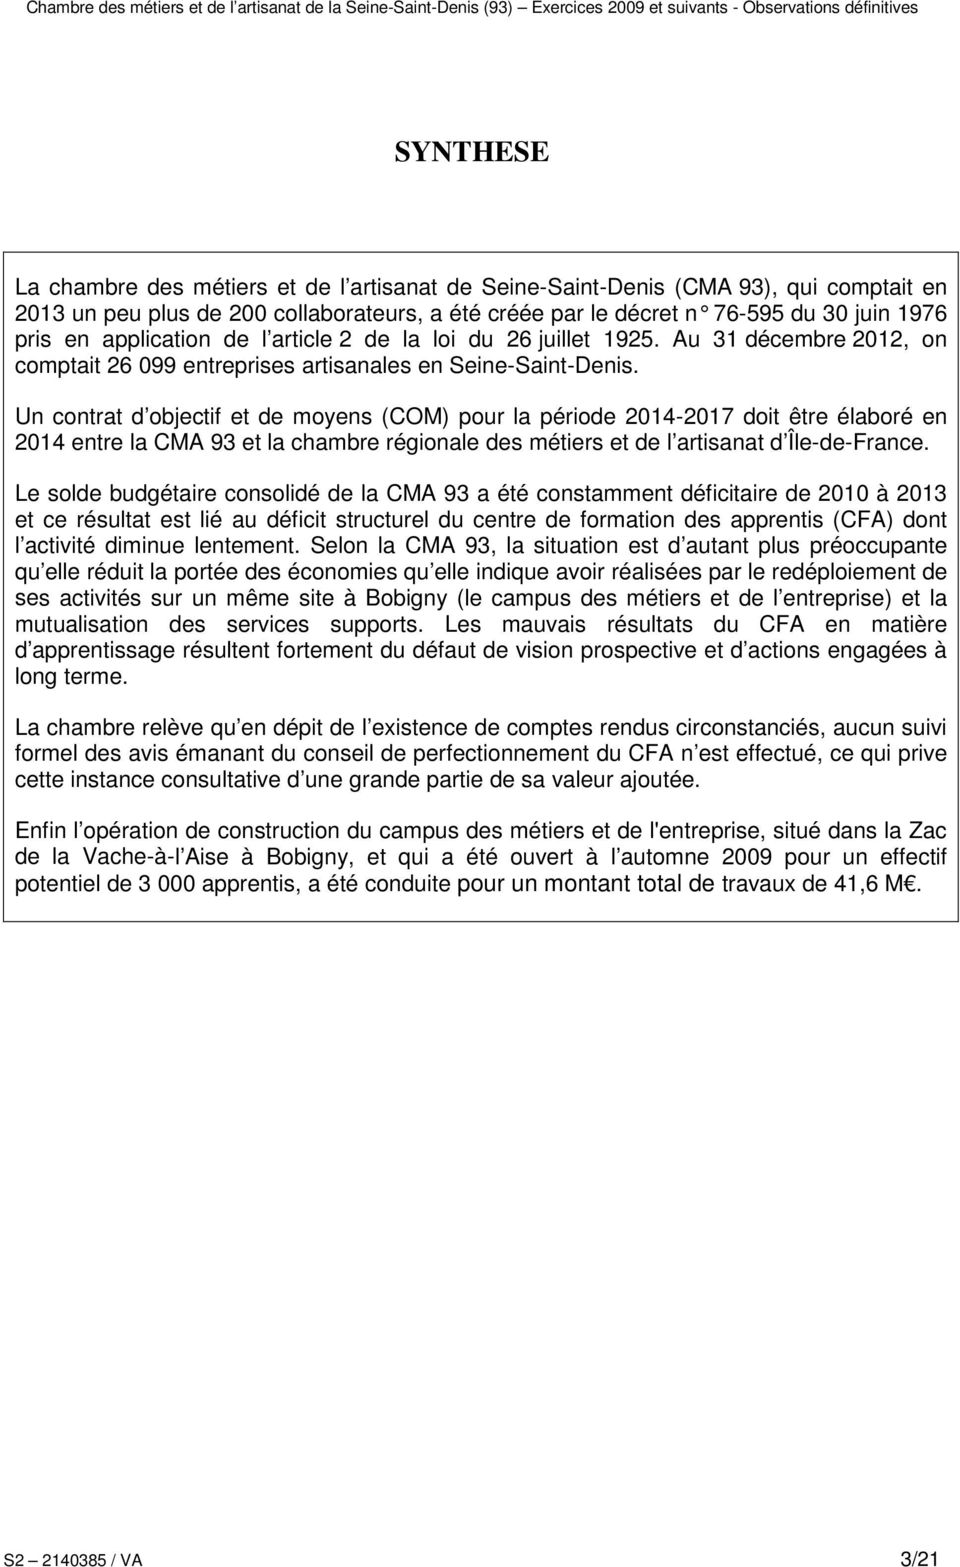 CHAMBRE DE MÉTIERS ET DE L ARTISANAT (93) - PDF